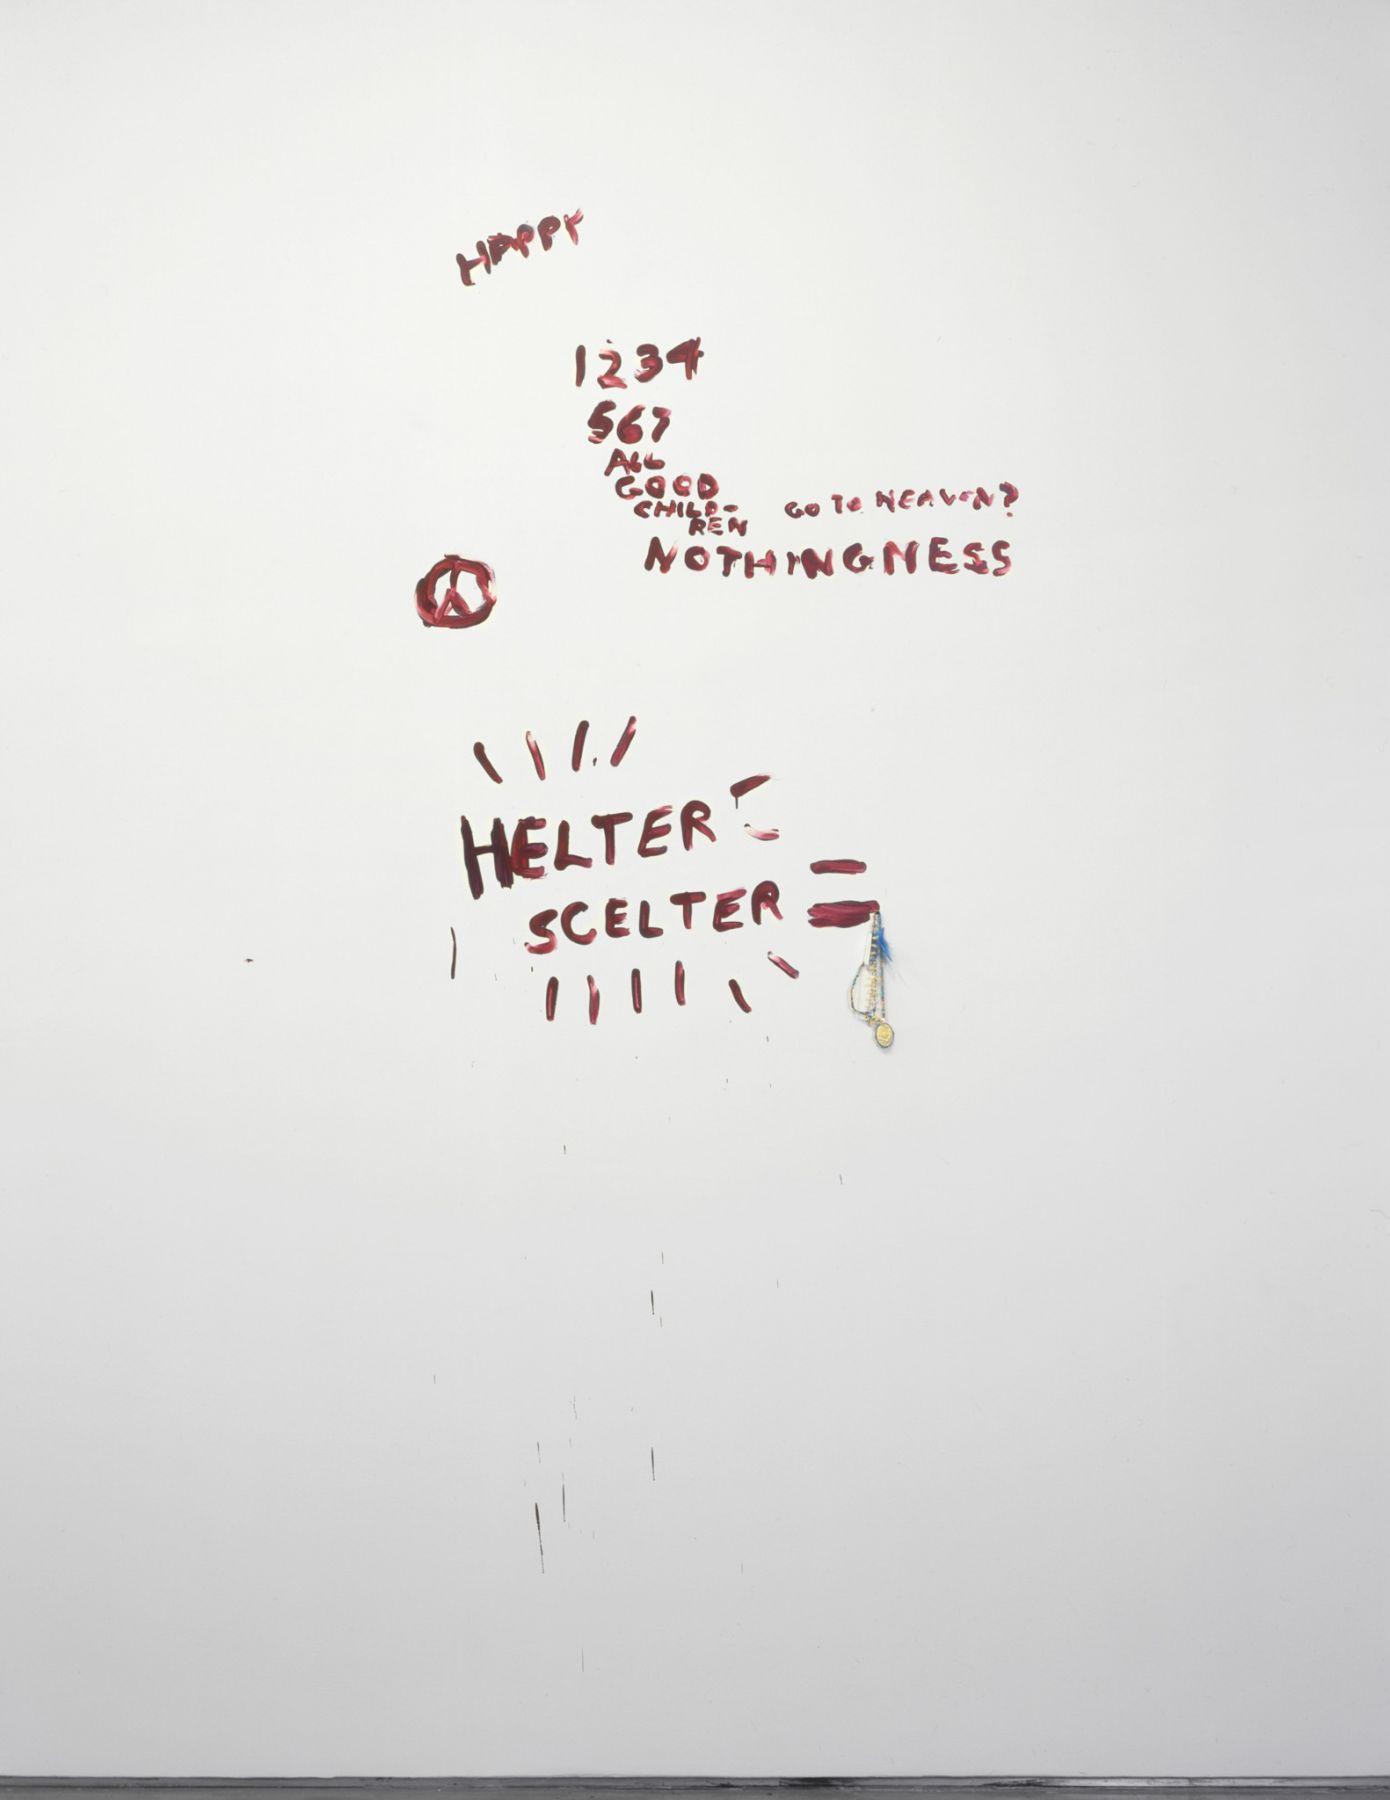 Karen Kilimnik, Helter Skelter, 1992